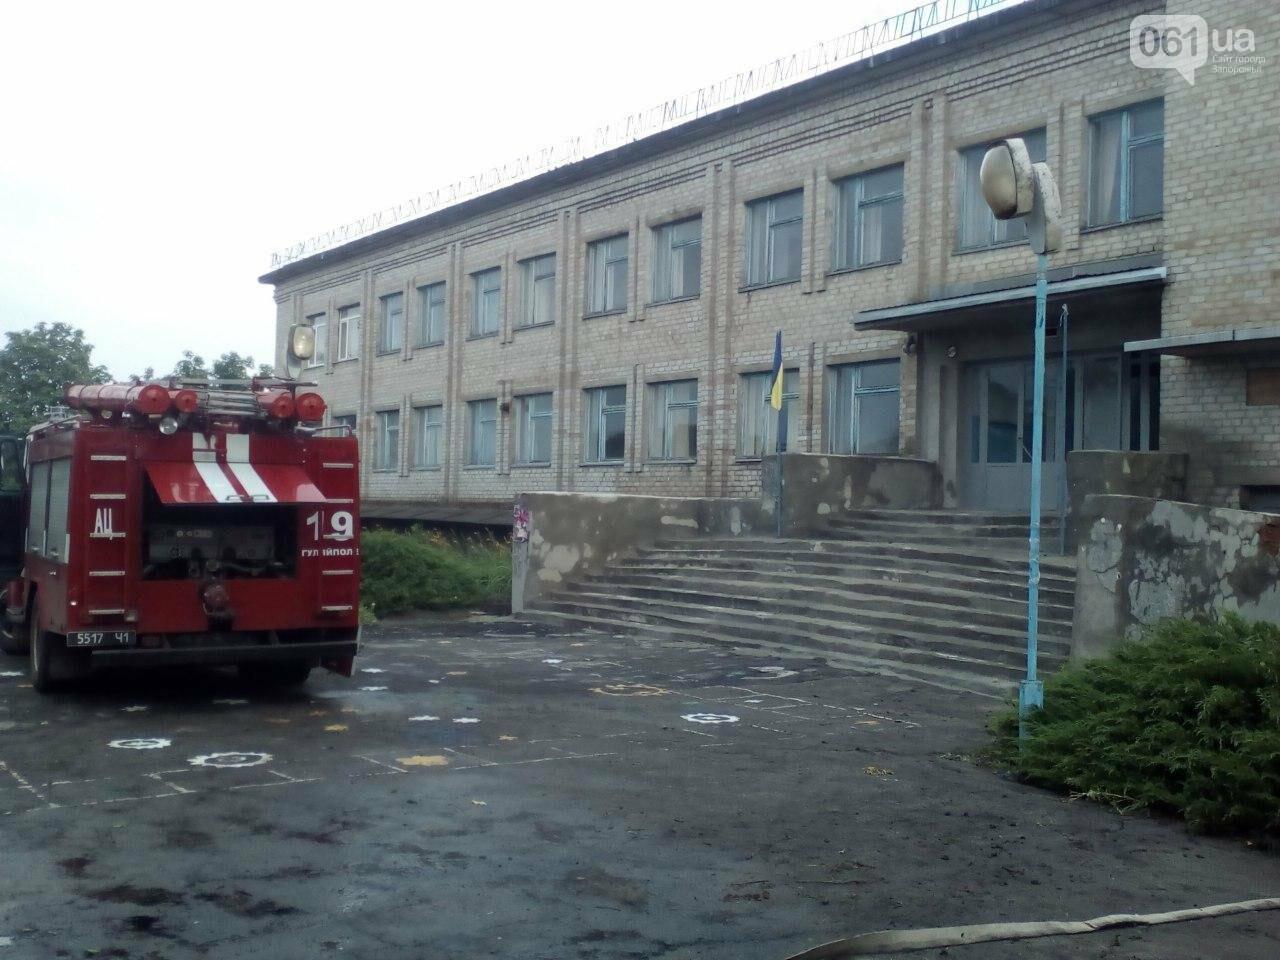 В Запорожской области из-за сильного дождя затопило подвал школы, фото-1